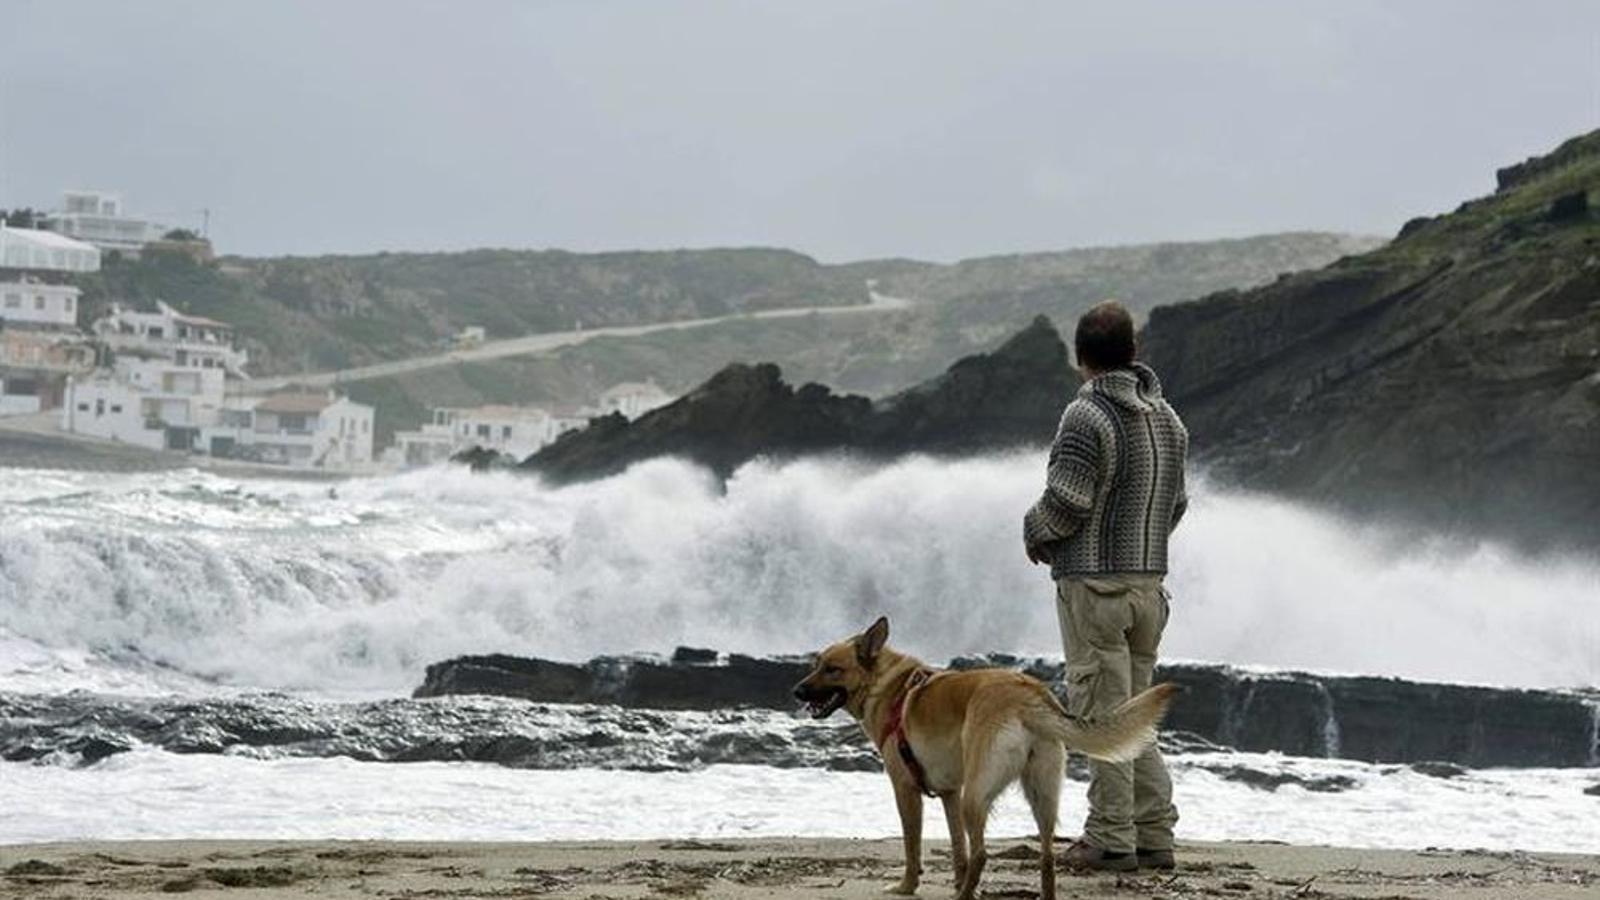 Imatge del temporal que fa una setmana tocava cala Sa Mesquida, a Maó, Menorca. / DAVID ARQUIMBAU